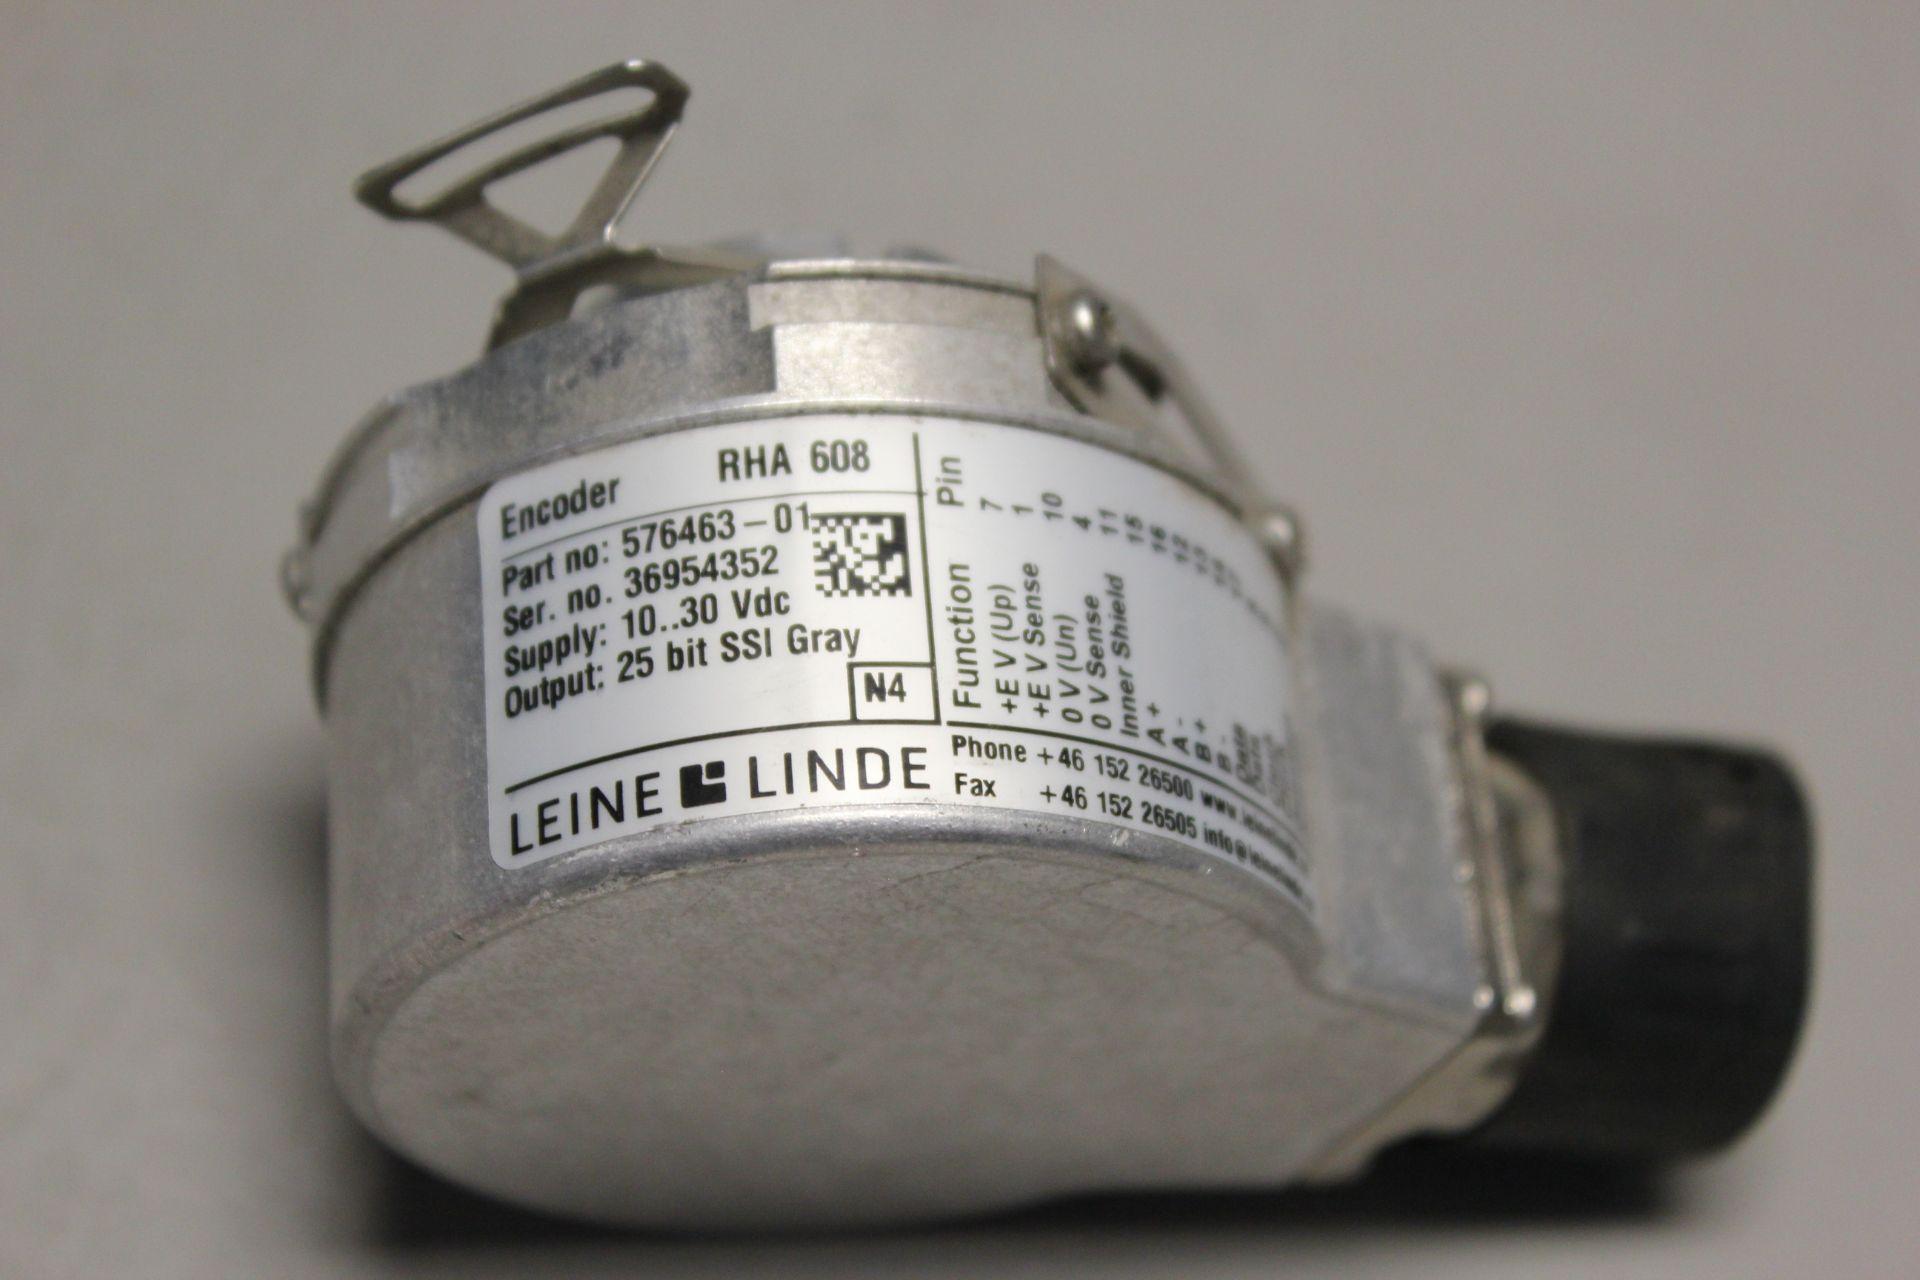 LEINE LINDE ENCODER - Image 2 of 4